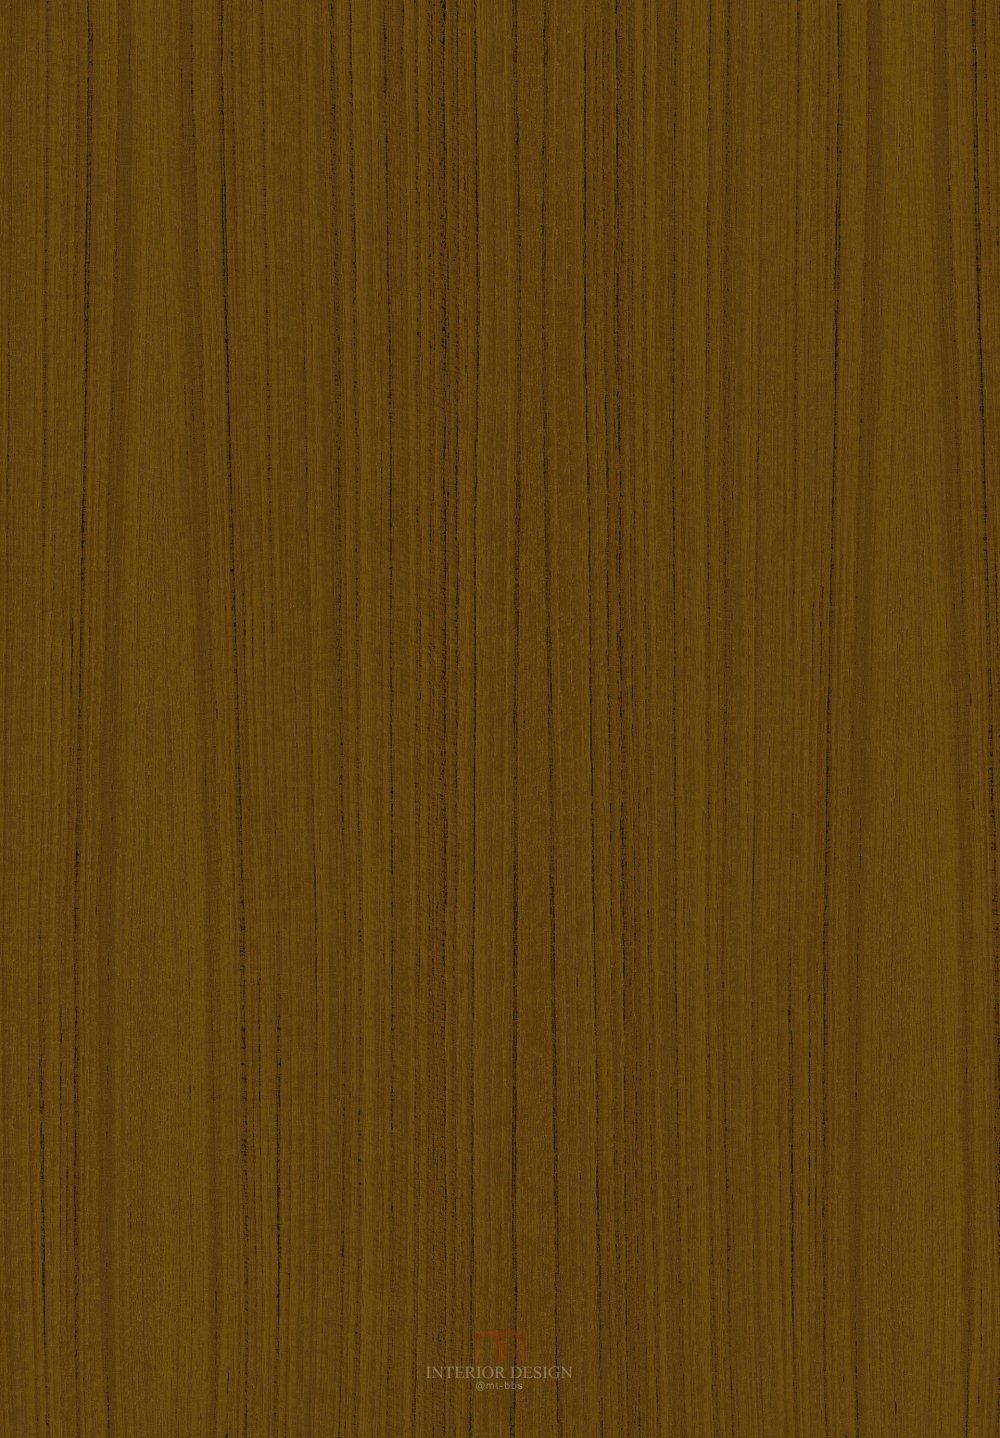 天然木纹_K6118AA_f0603.jpg